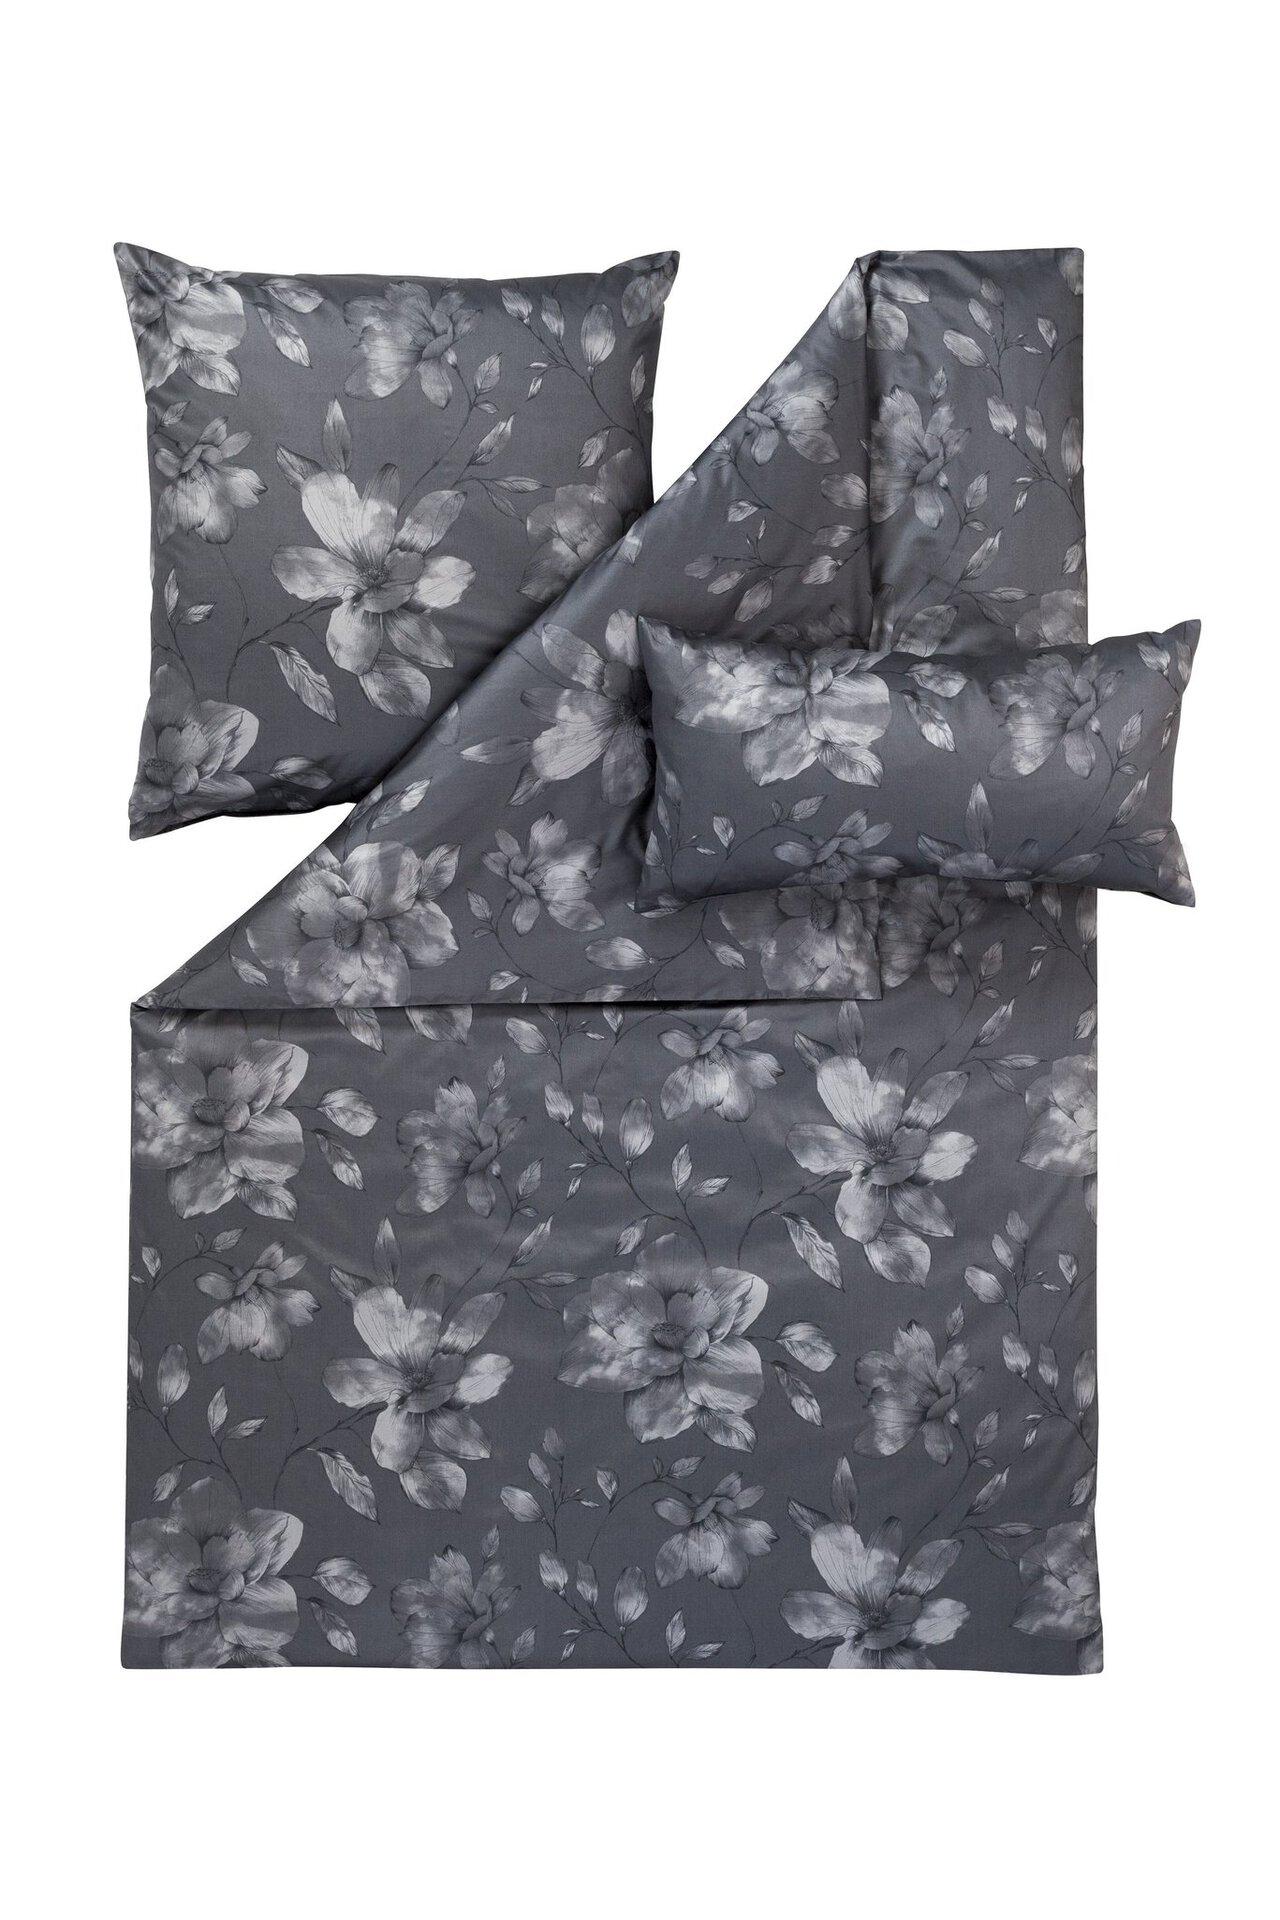 Satin-Bettwäsche Isadora Estella Textil grau 155 x 220 cm